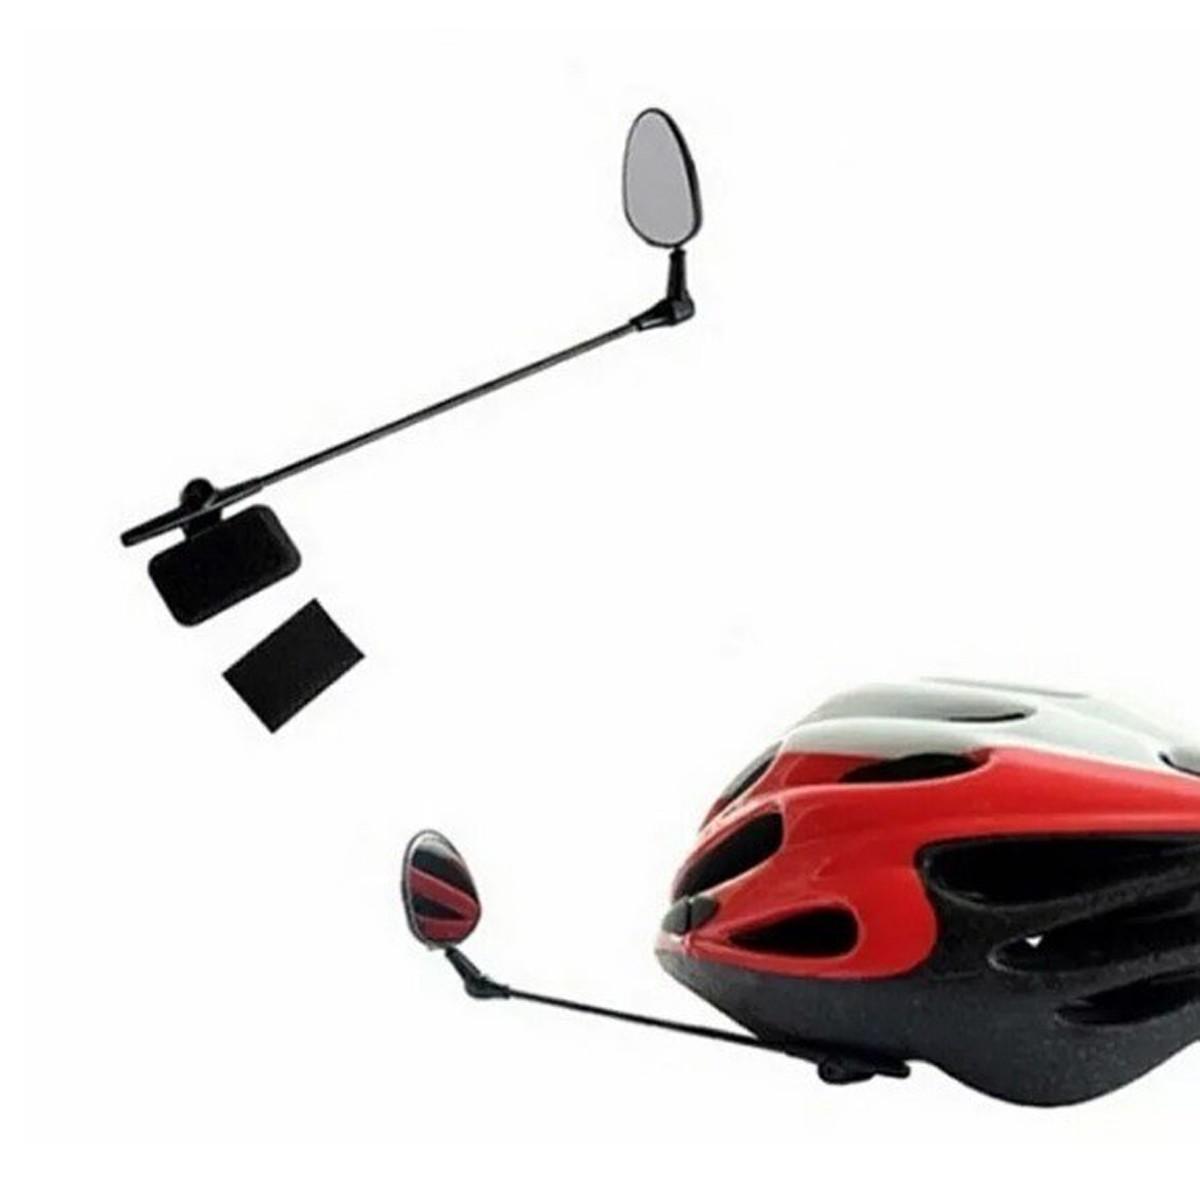 Espelho Retrovisor Jg-1038 Convexo para Capacete e Bicicleta